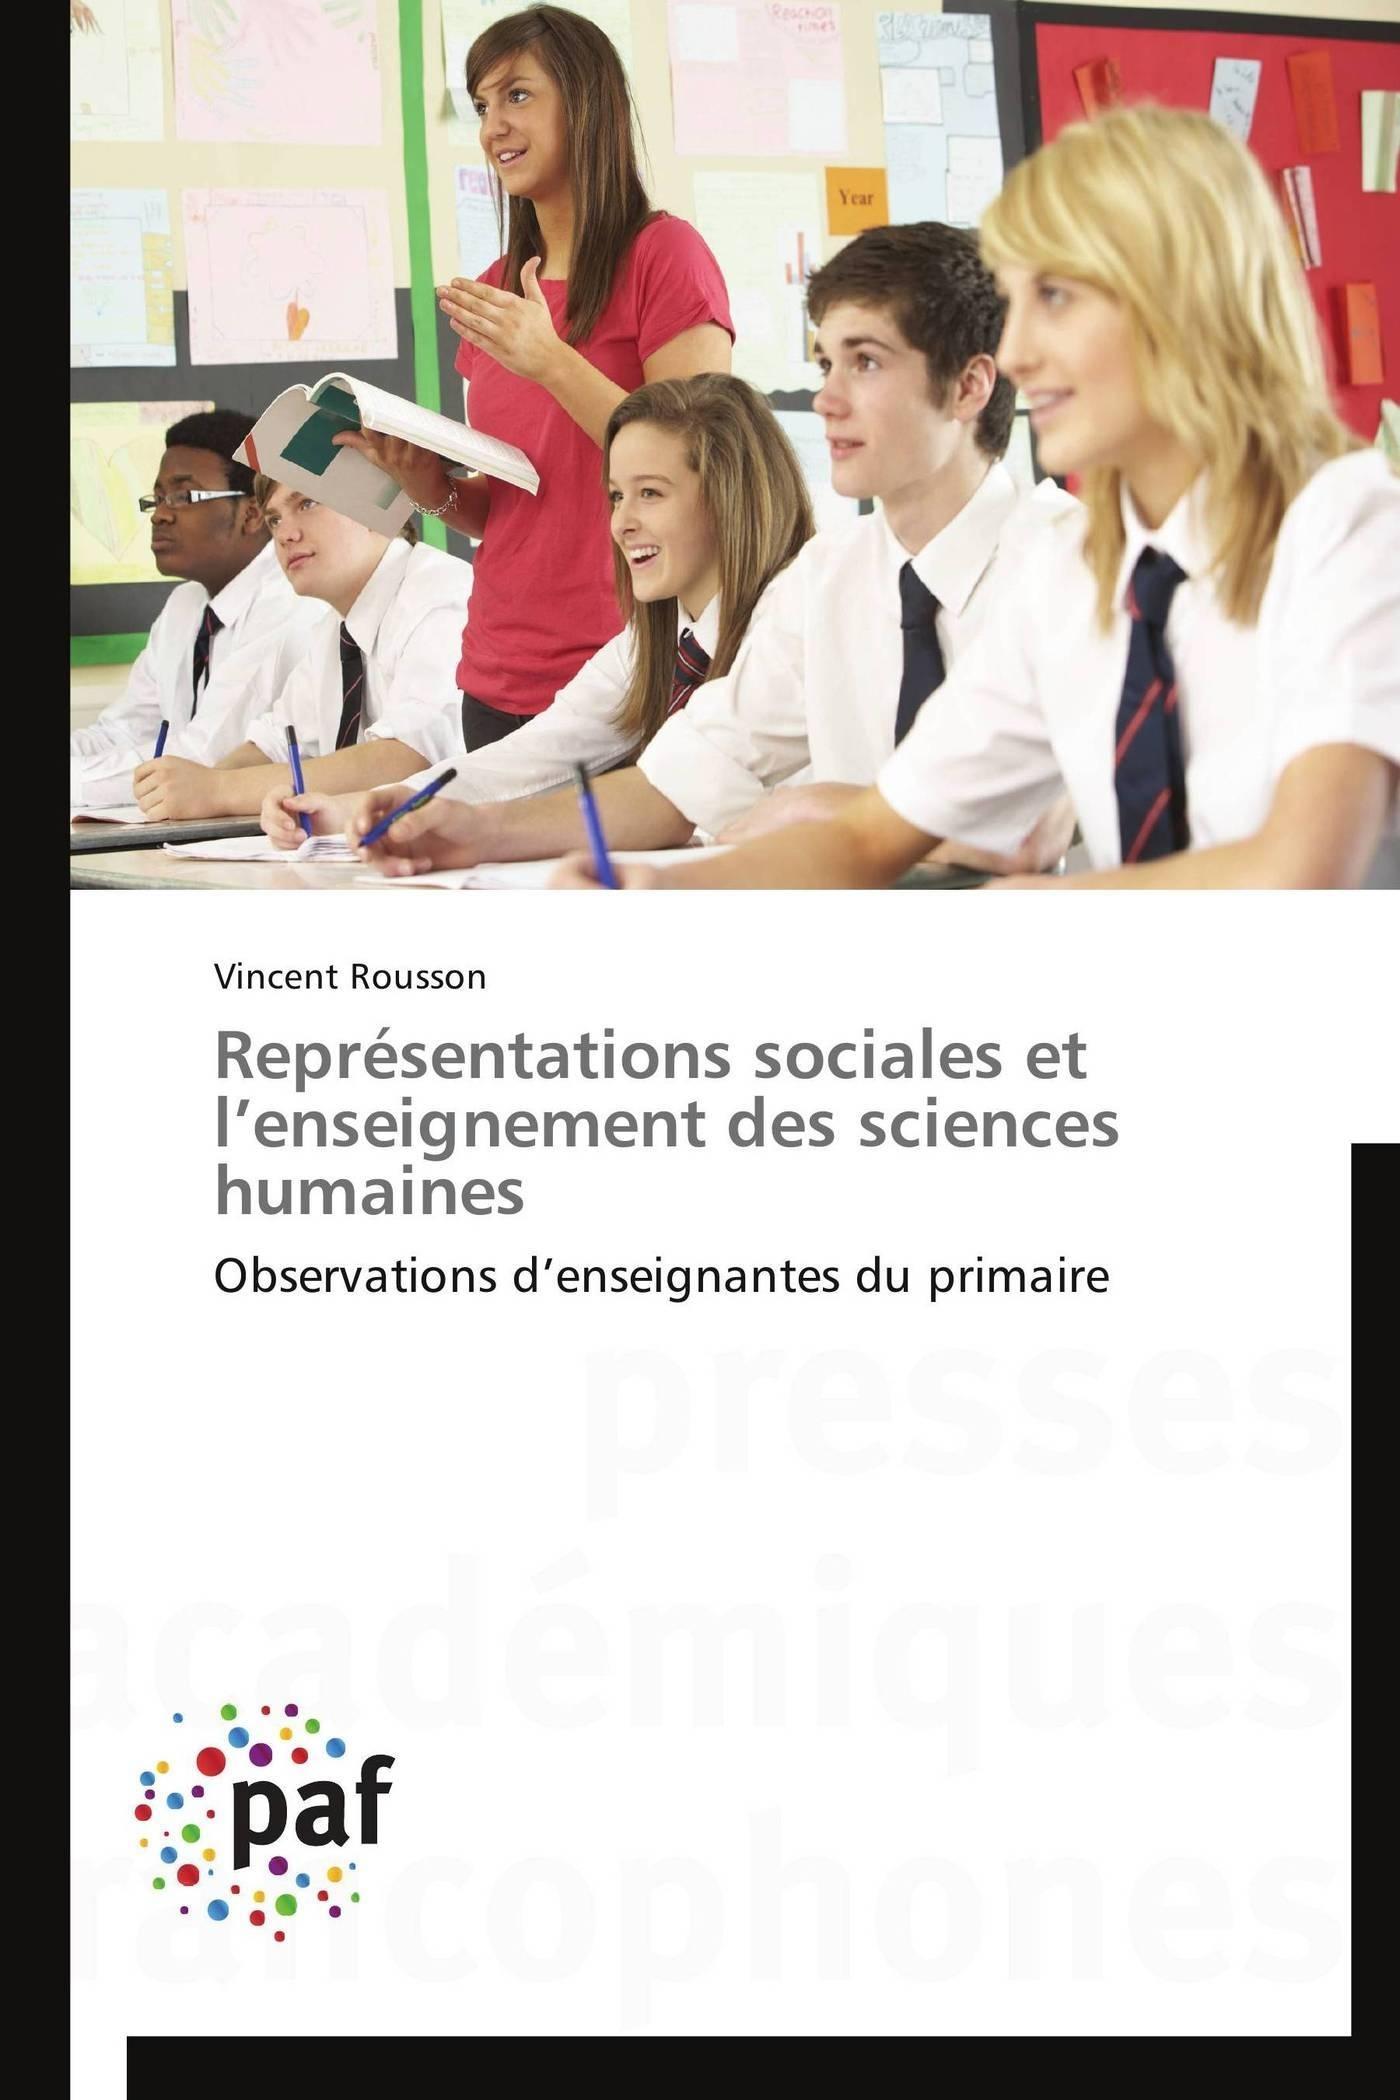 REPRESENTATIONS SOCIALES ET L ENSEIGNEMENT DES SCIENCES HUMAINES